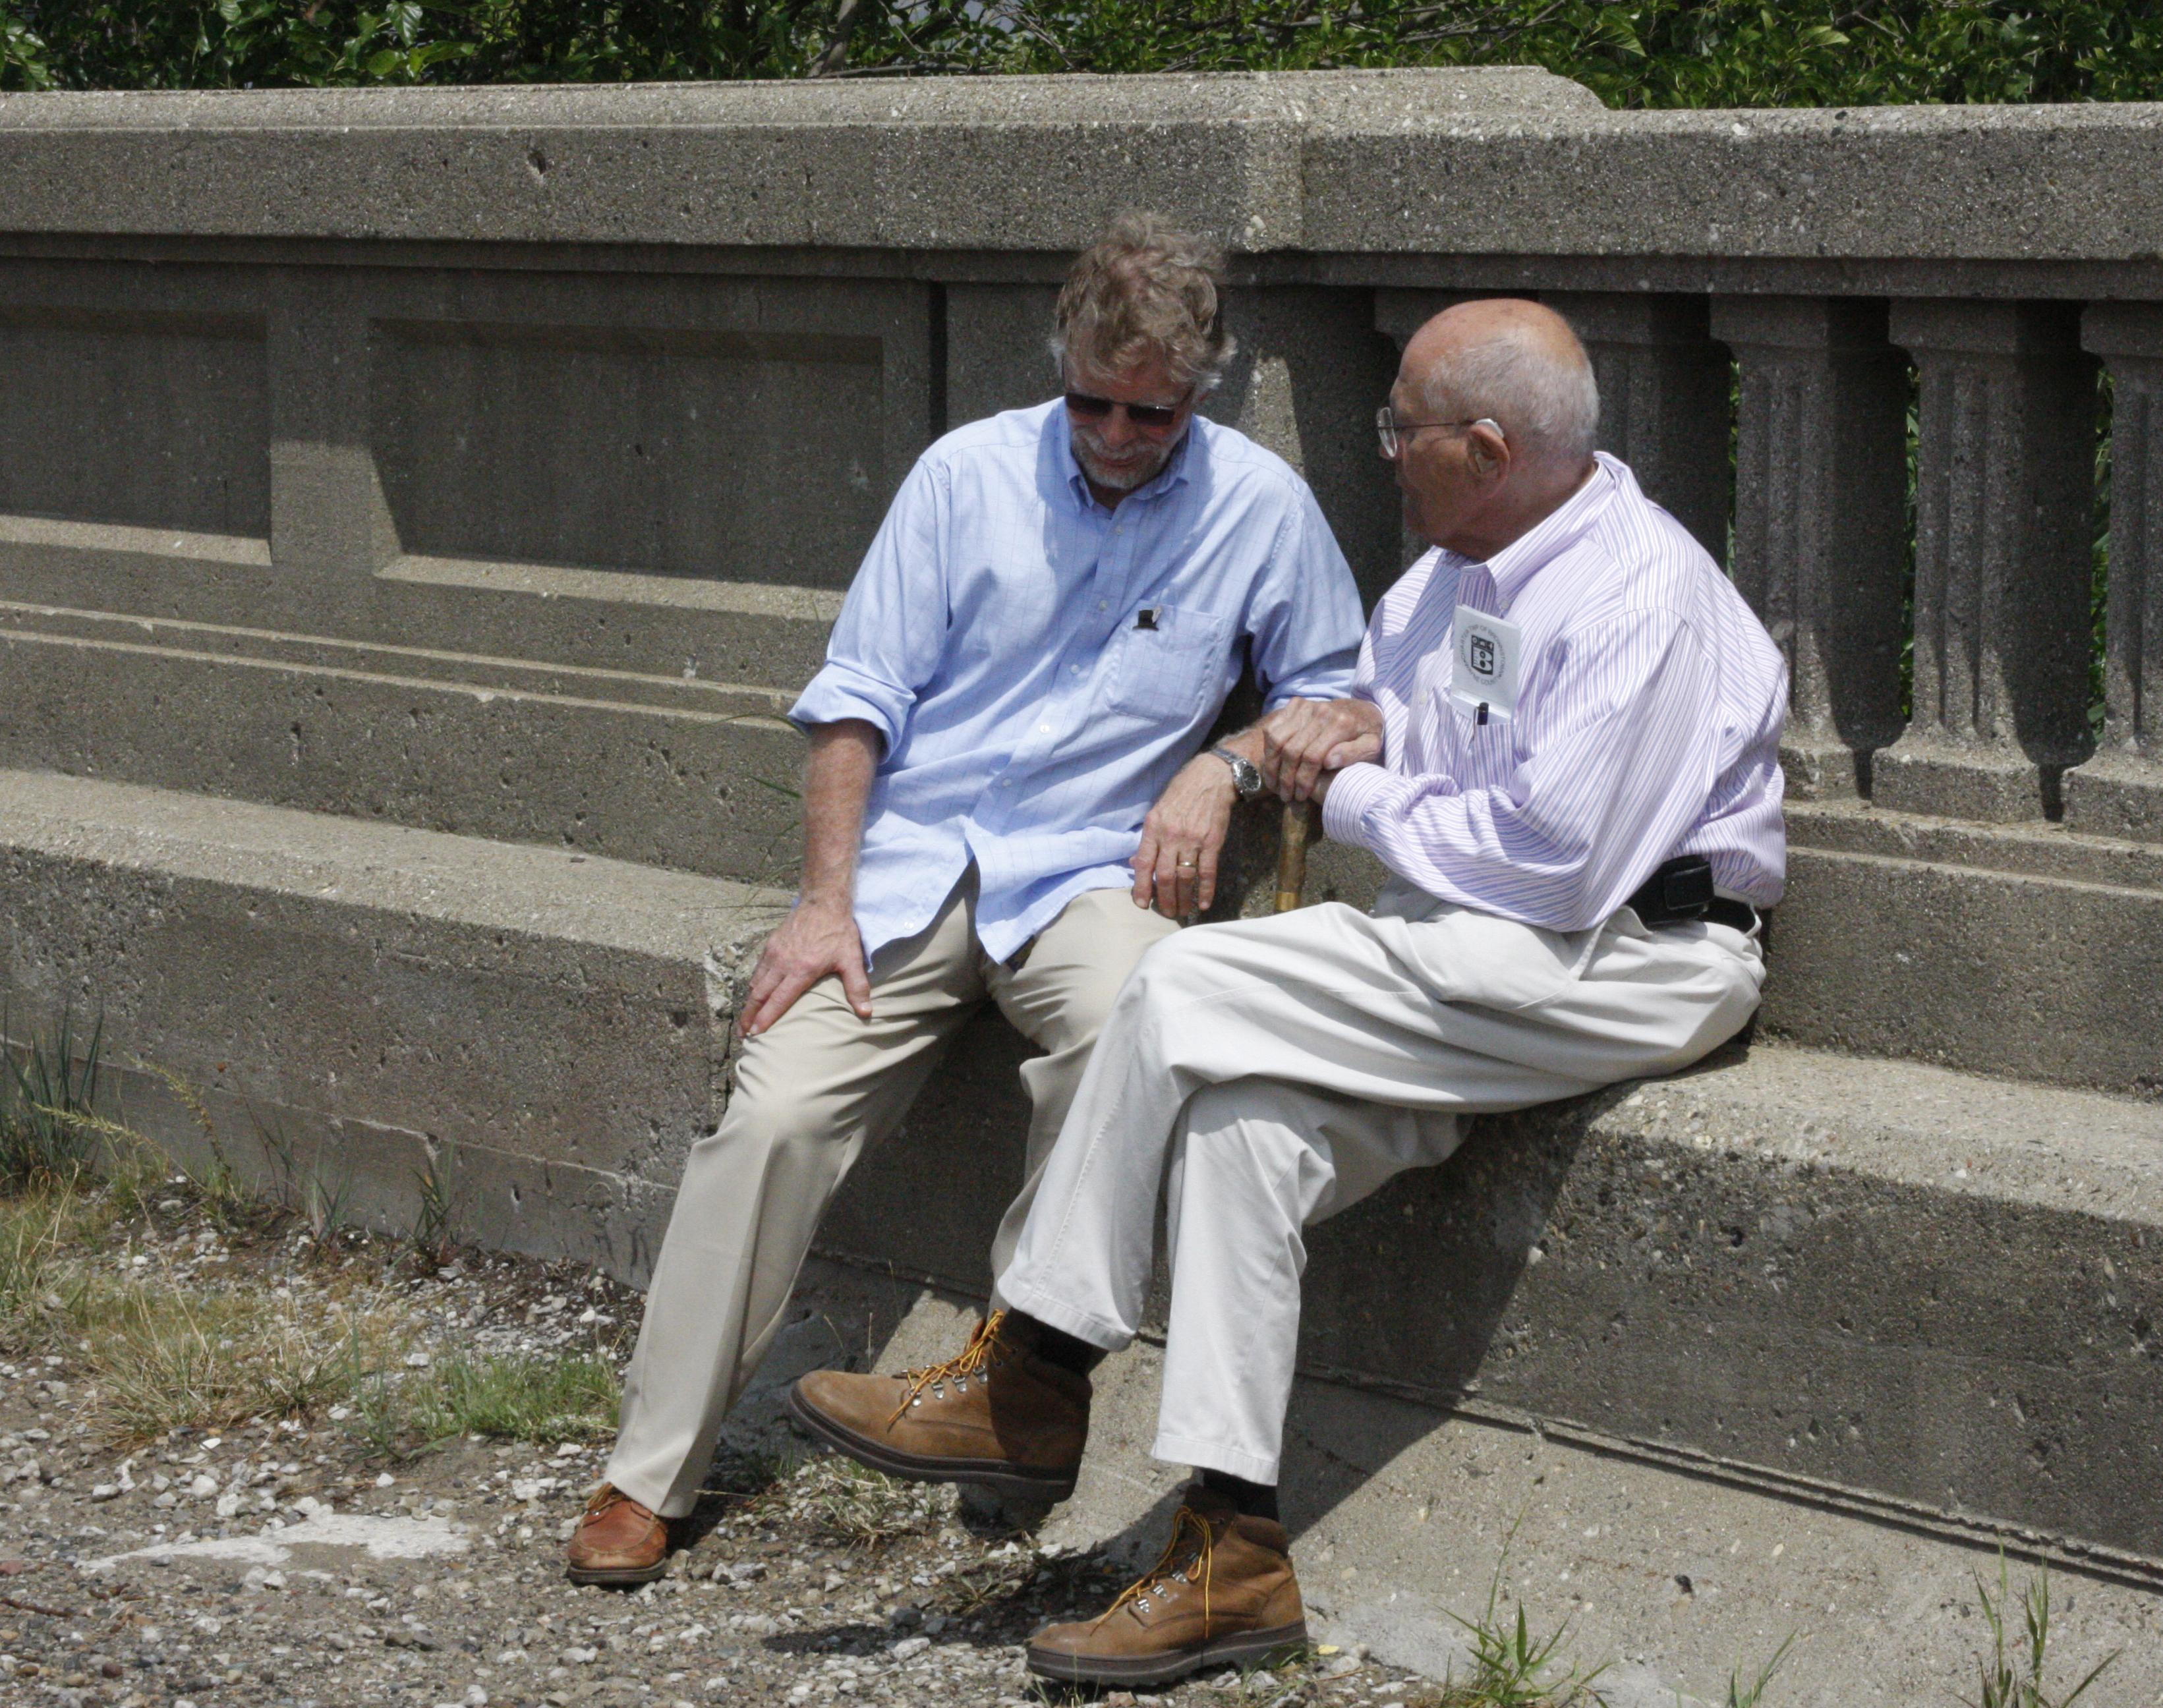 Daniel Harrison sitting on a bench talking to John Dingell